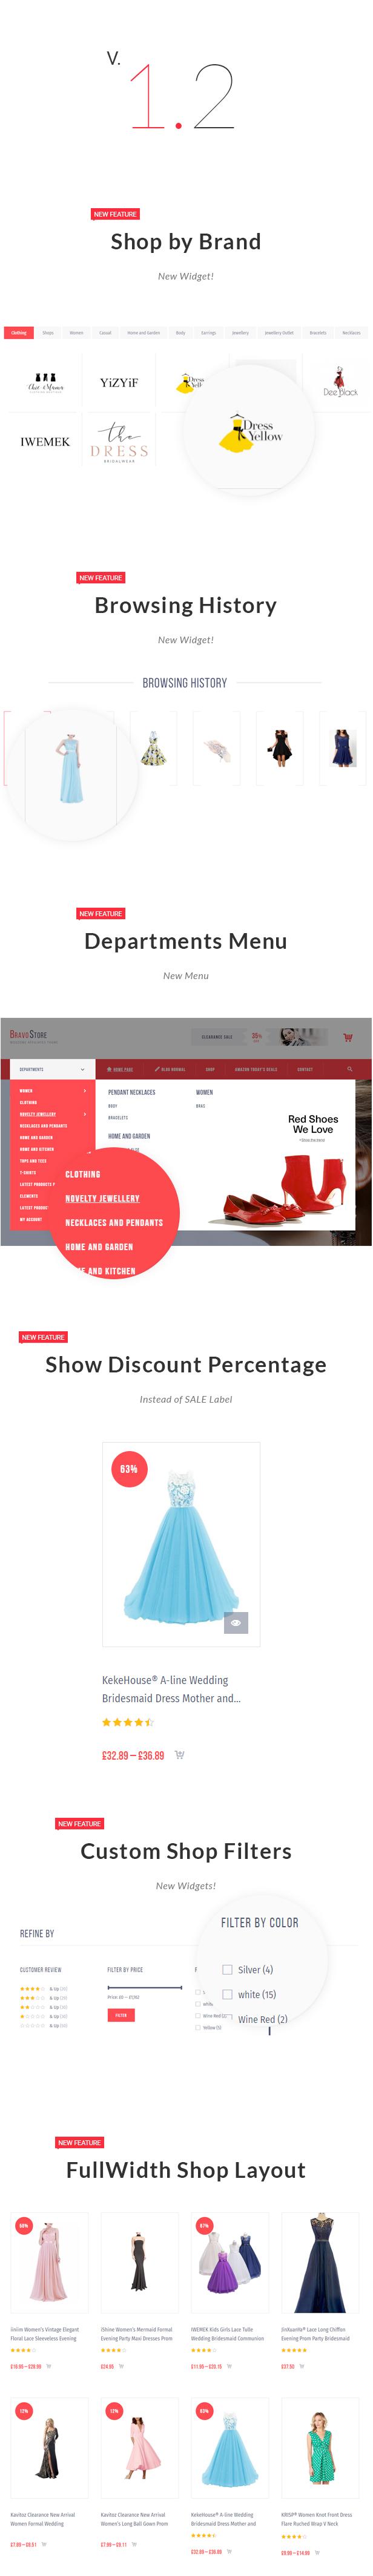 Bravo Store - WZone Affiliates Theme for WordPress - 1